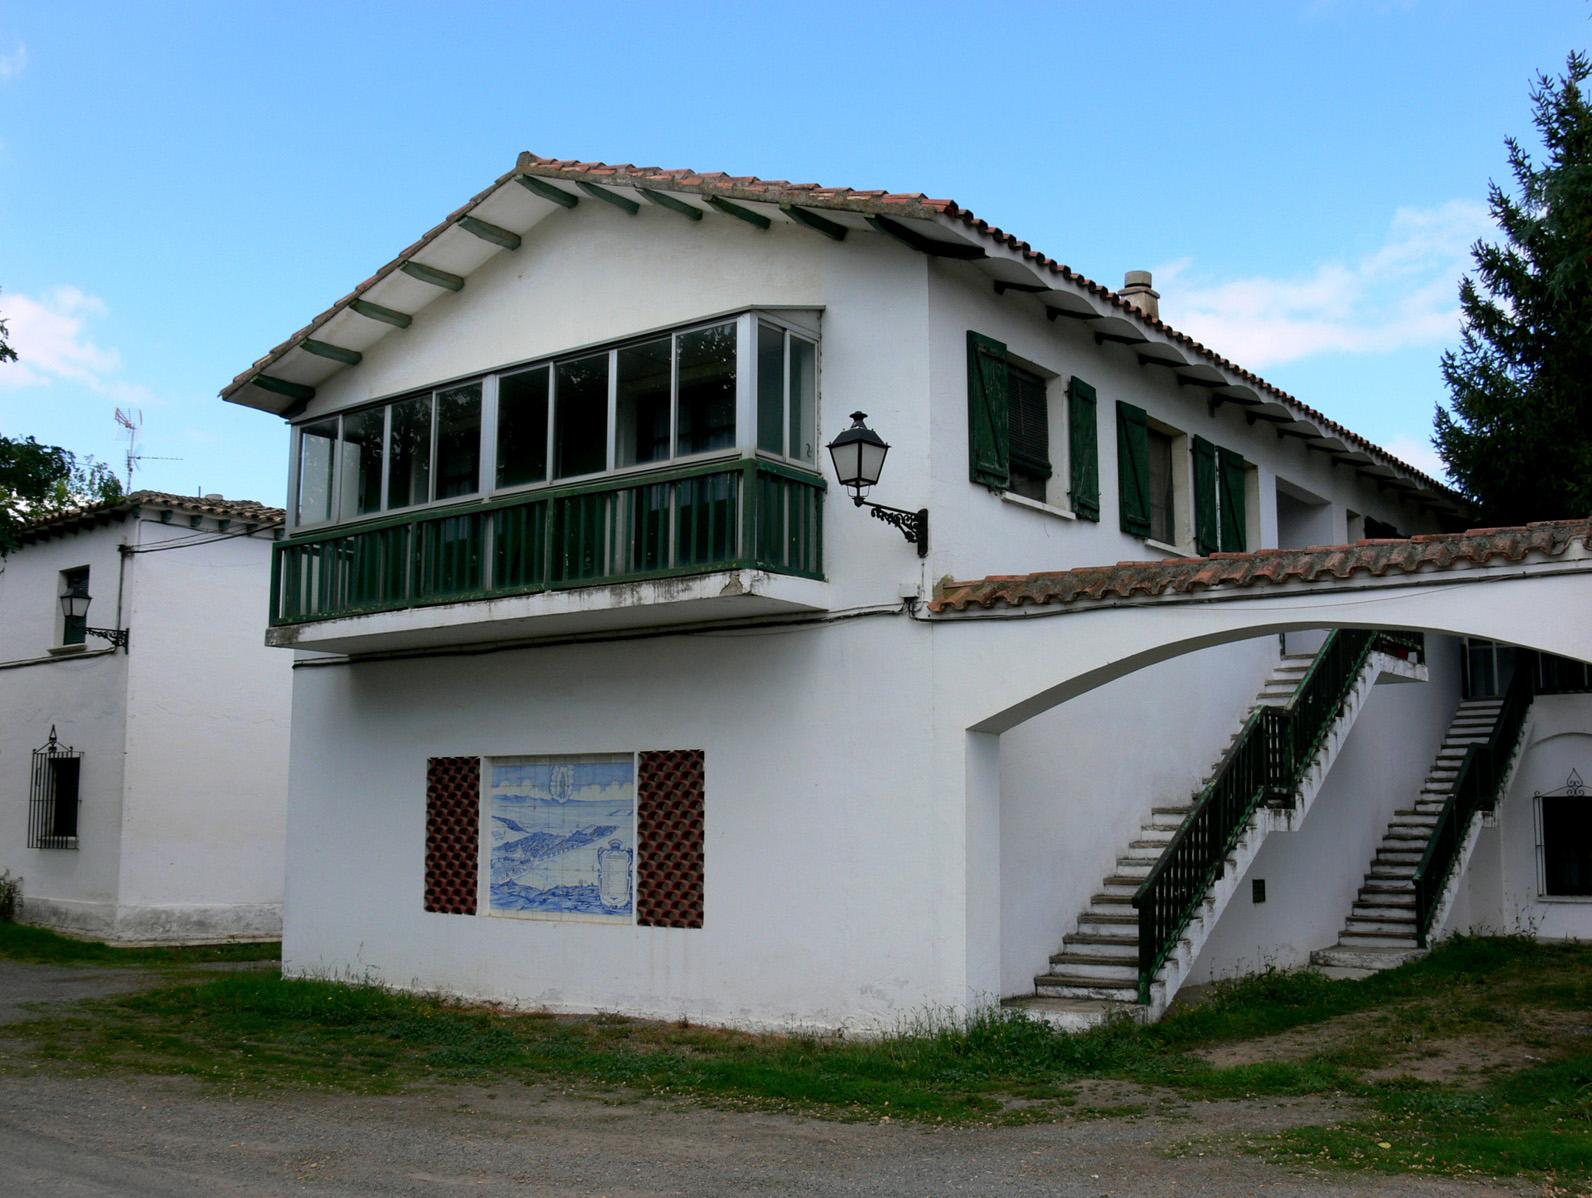 Archivo casas blancas wikipedia la - Tipos de tejados para casas ...